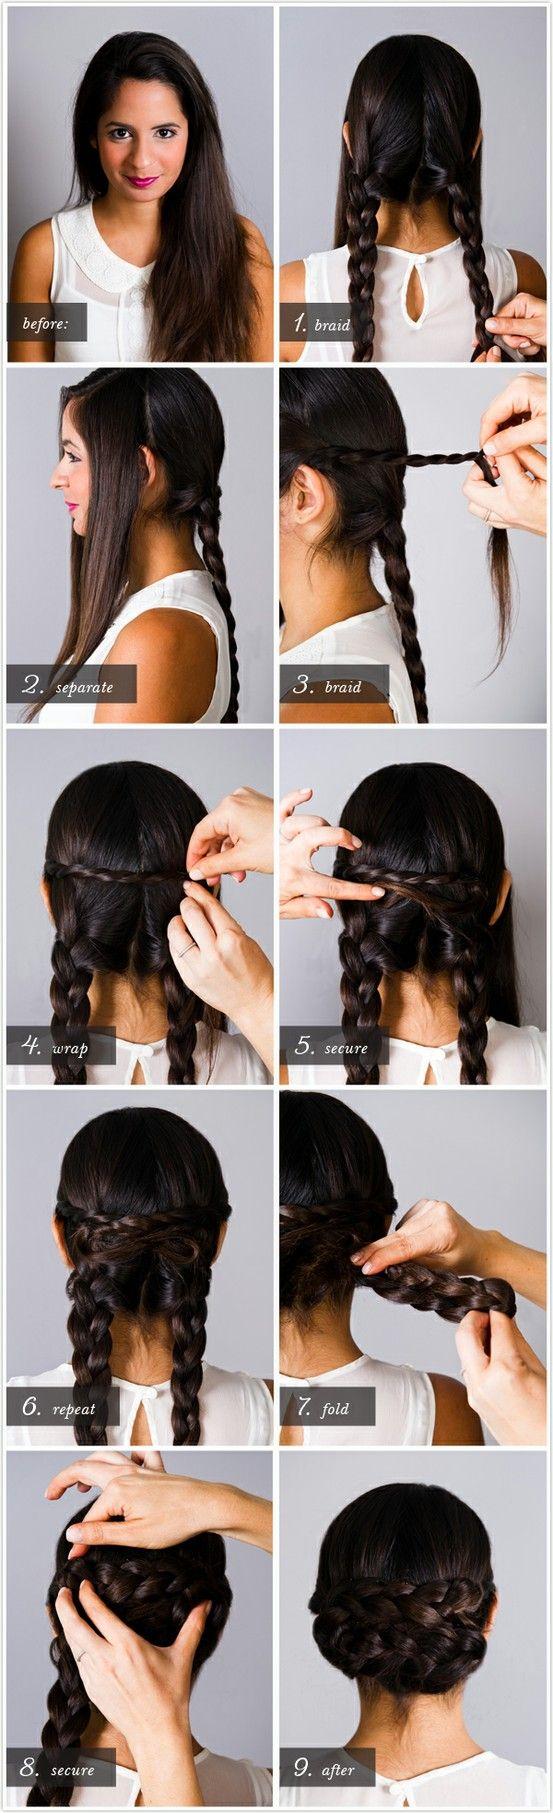 Katniss everdeen reaping day updo diy hair style pinterest